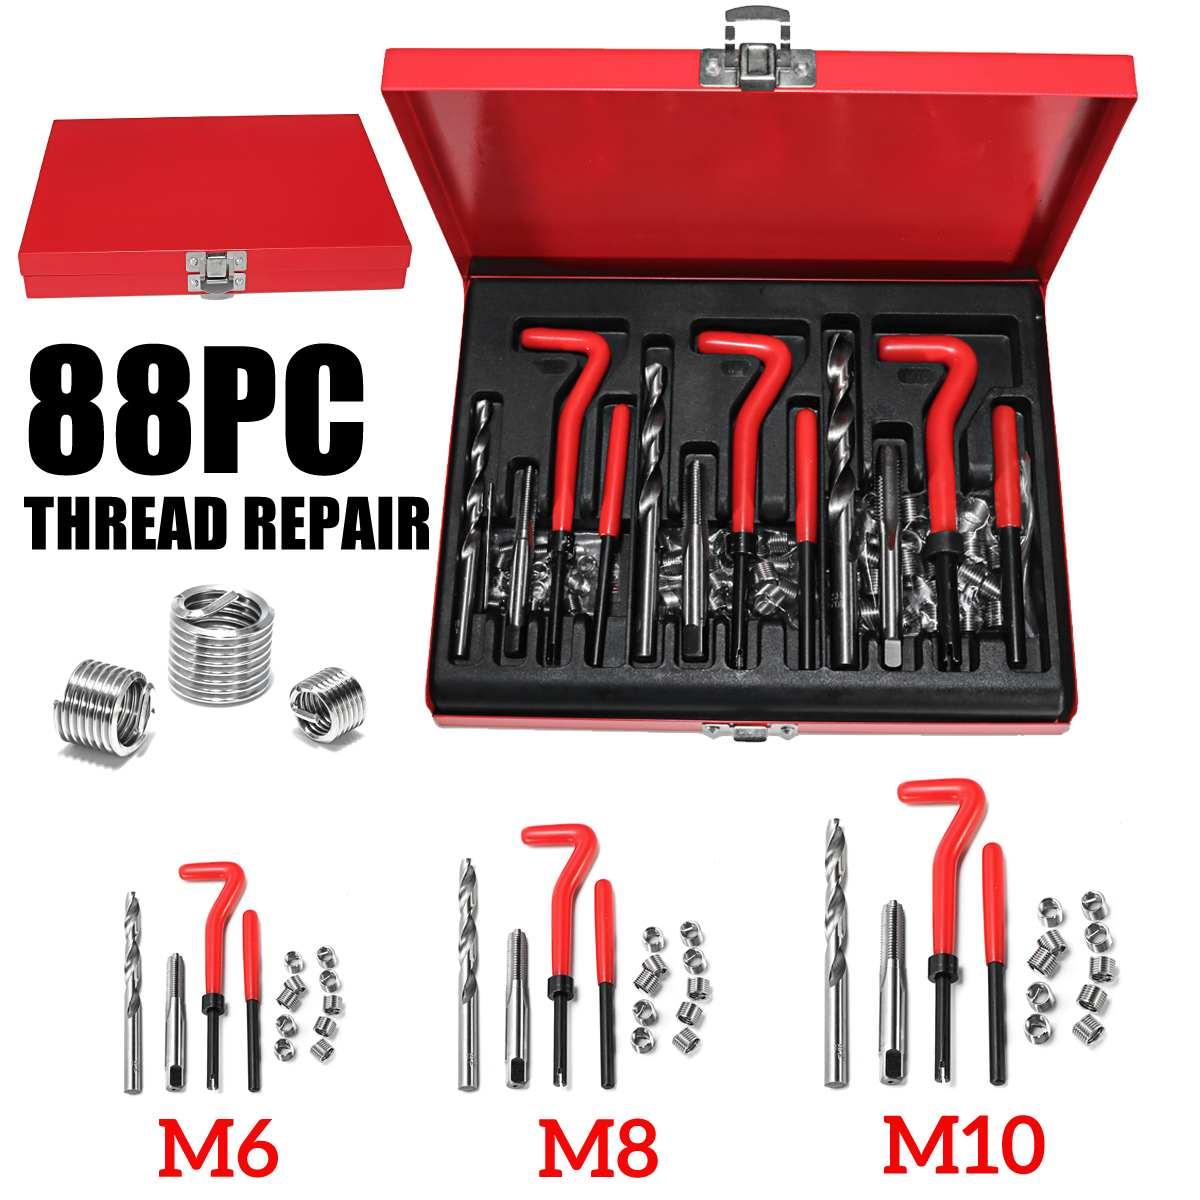 Nouveau 88 pièces M6 + M8 + M10 HSS Foret Ensemble Auto Bloc Moteur Restaurer Fil Endommagé Réparation Outil Trousse D'outils À Main